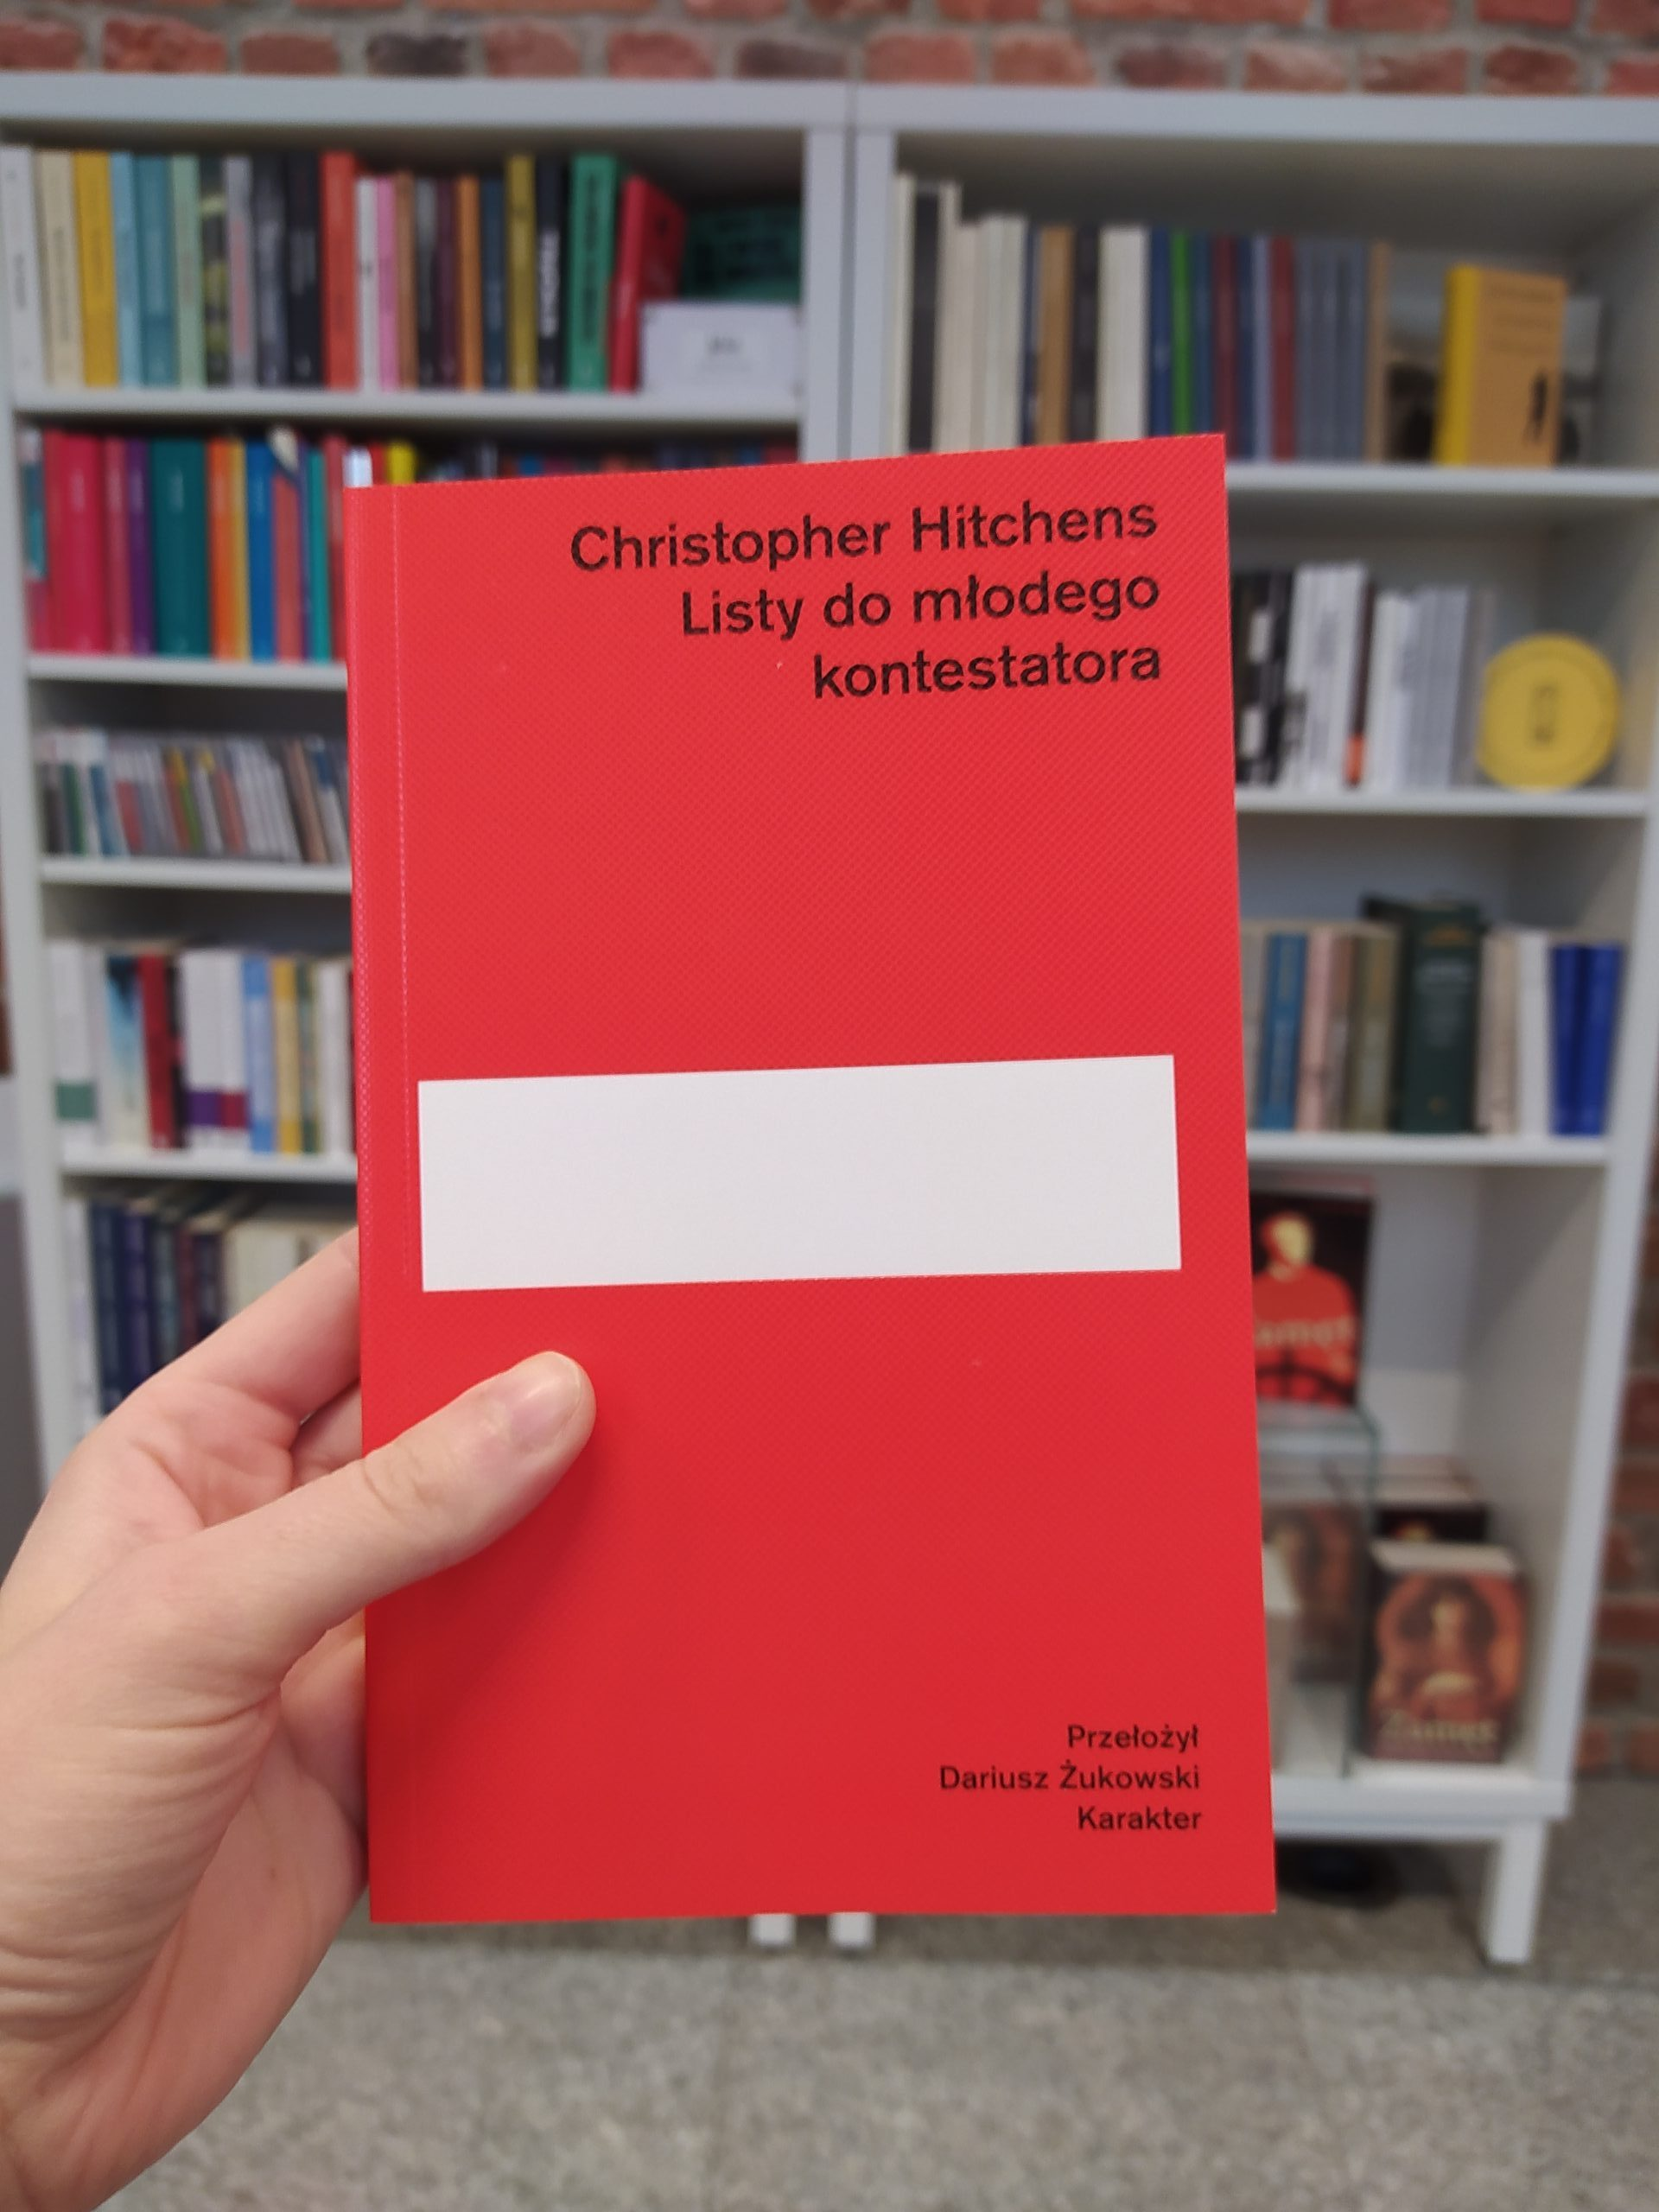 """Christopher Hitchens, """"Listy do młodego kontestatora"""", Karakter 2017, przekład Dariusza Żukowskiego"""